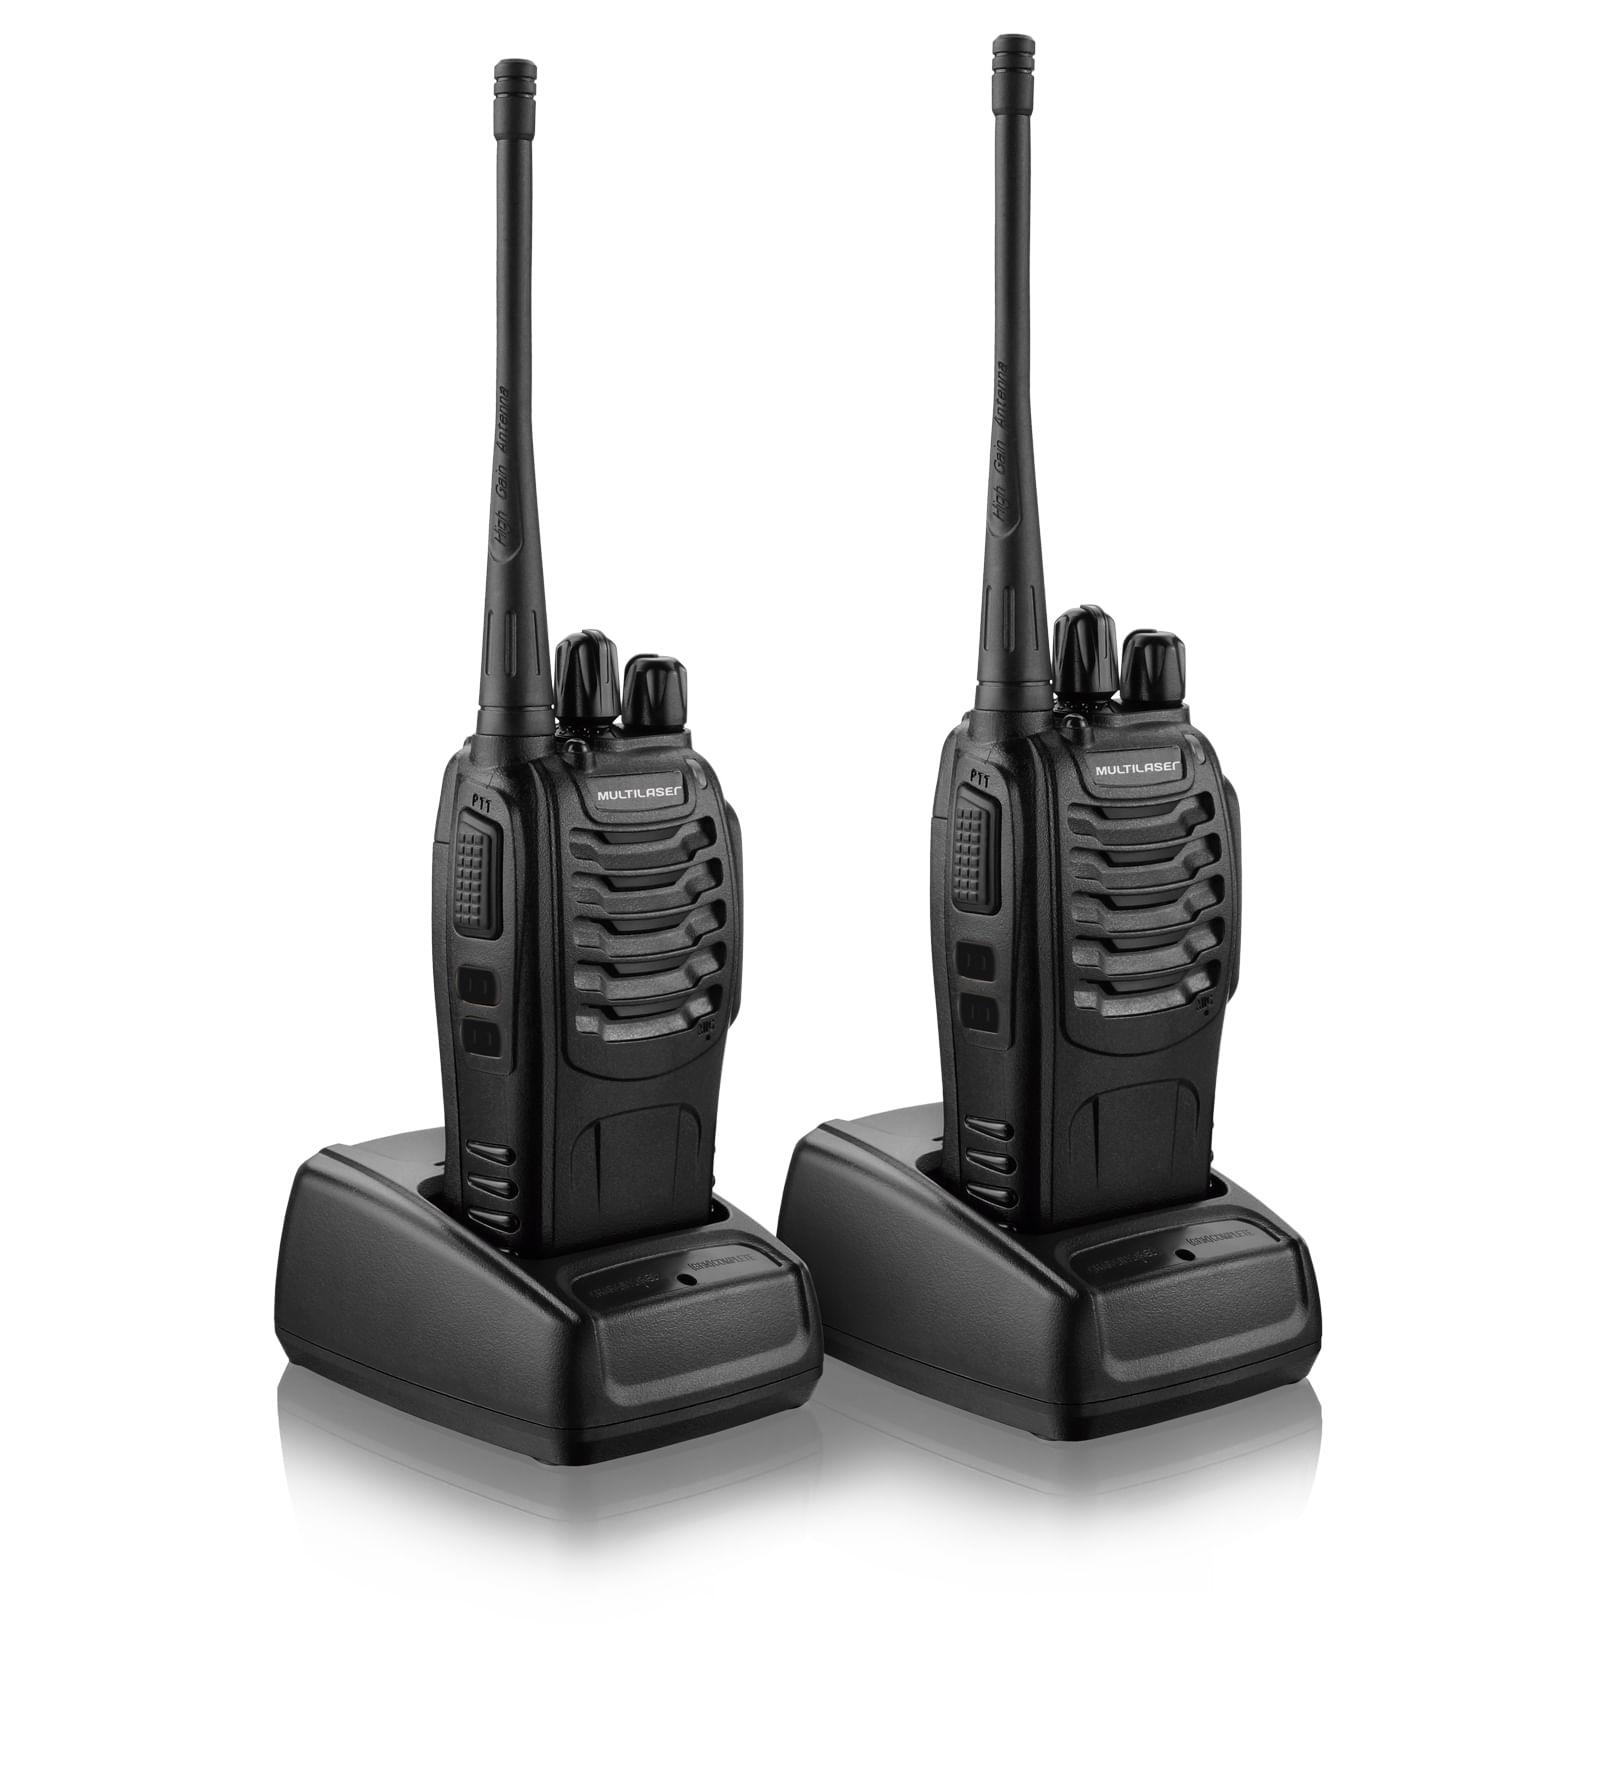 Par de Rádios comunicadores Multilaser 8Km Walkie Talkie - TV003 TV003